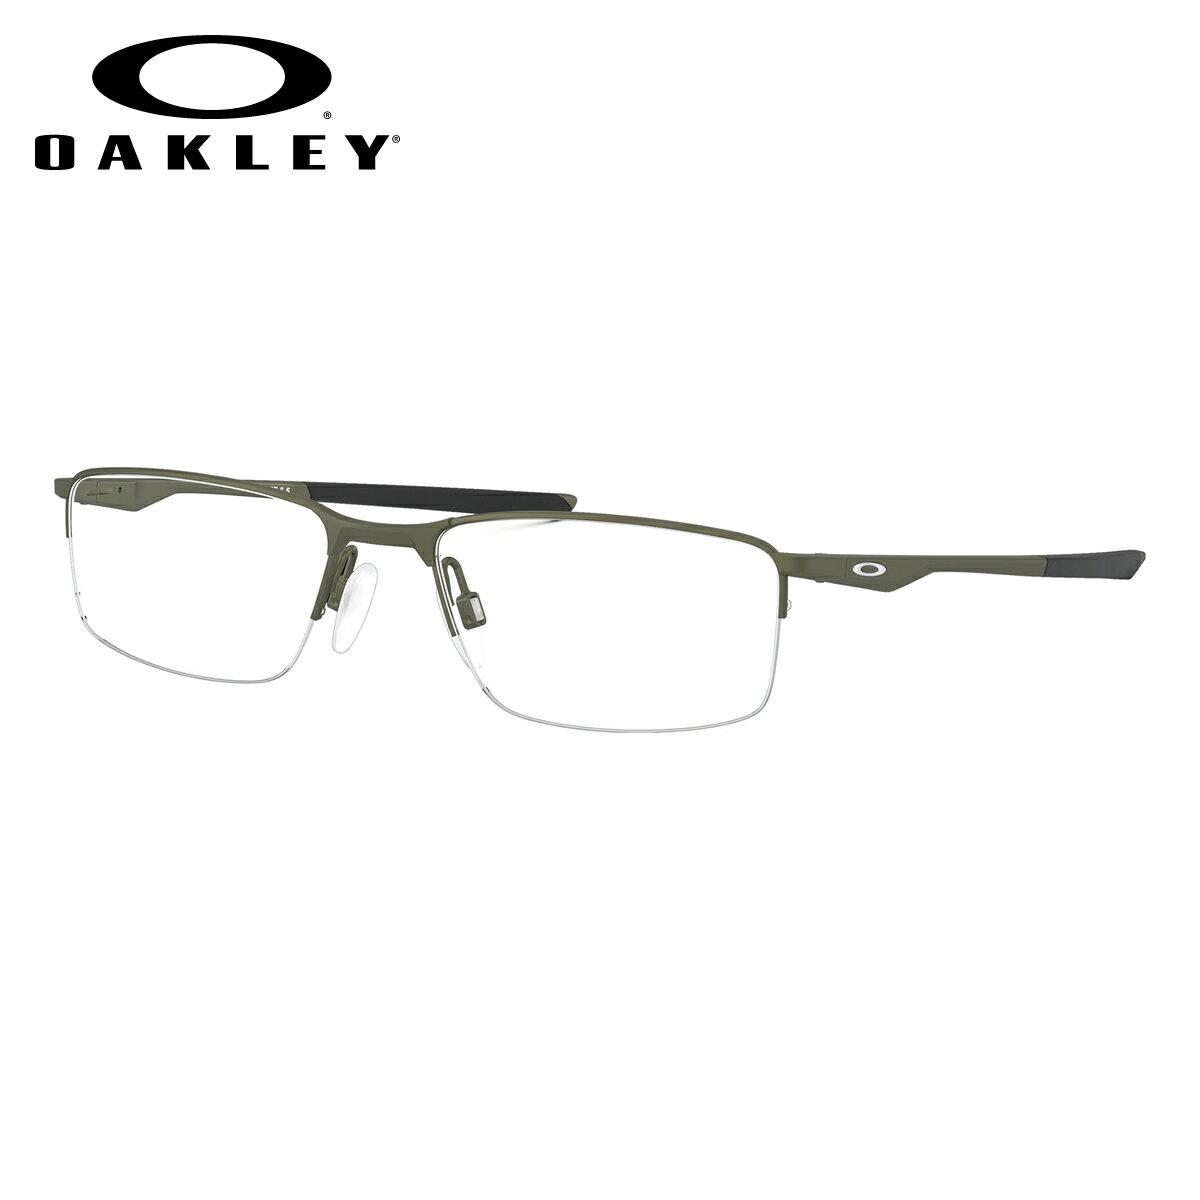 眼鏡・サングラス, 眼鏡  OAKLEY OX3218-10 SOCKET 5.5 Satin Olive